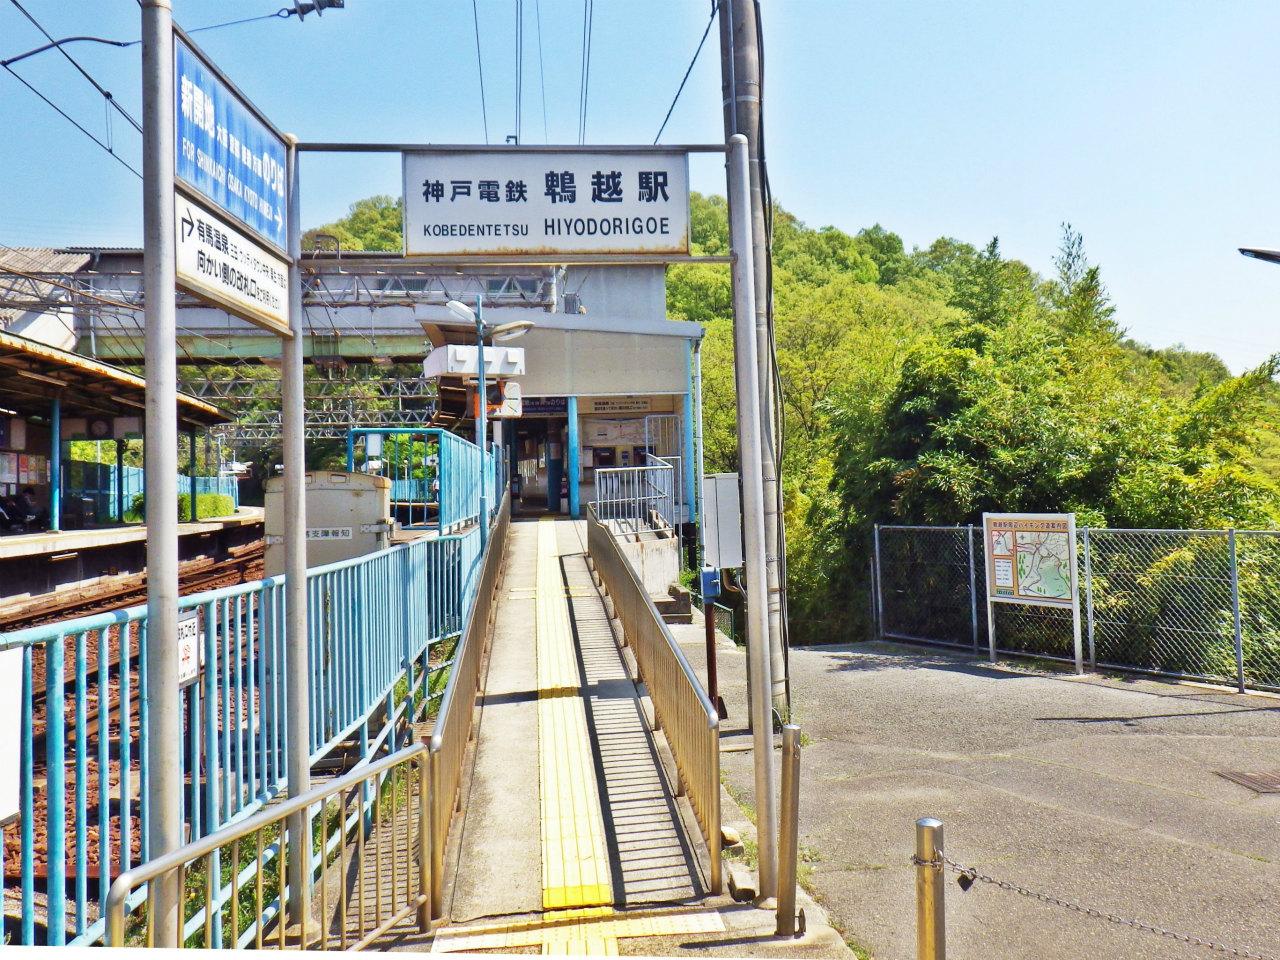 12a 鵯越駅横の縦走路